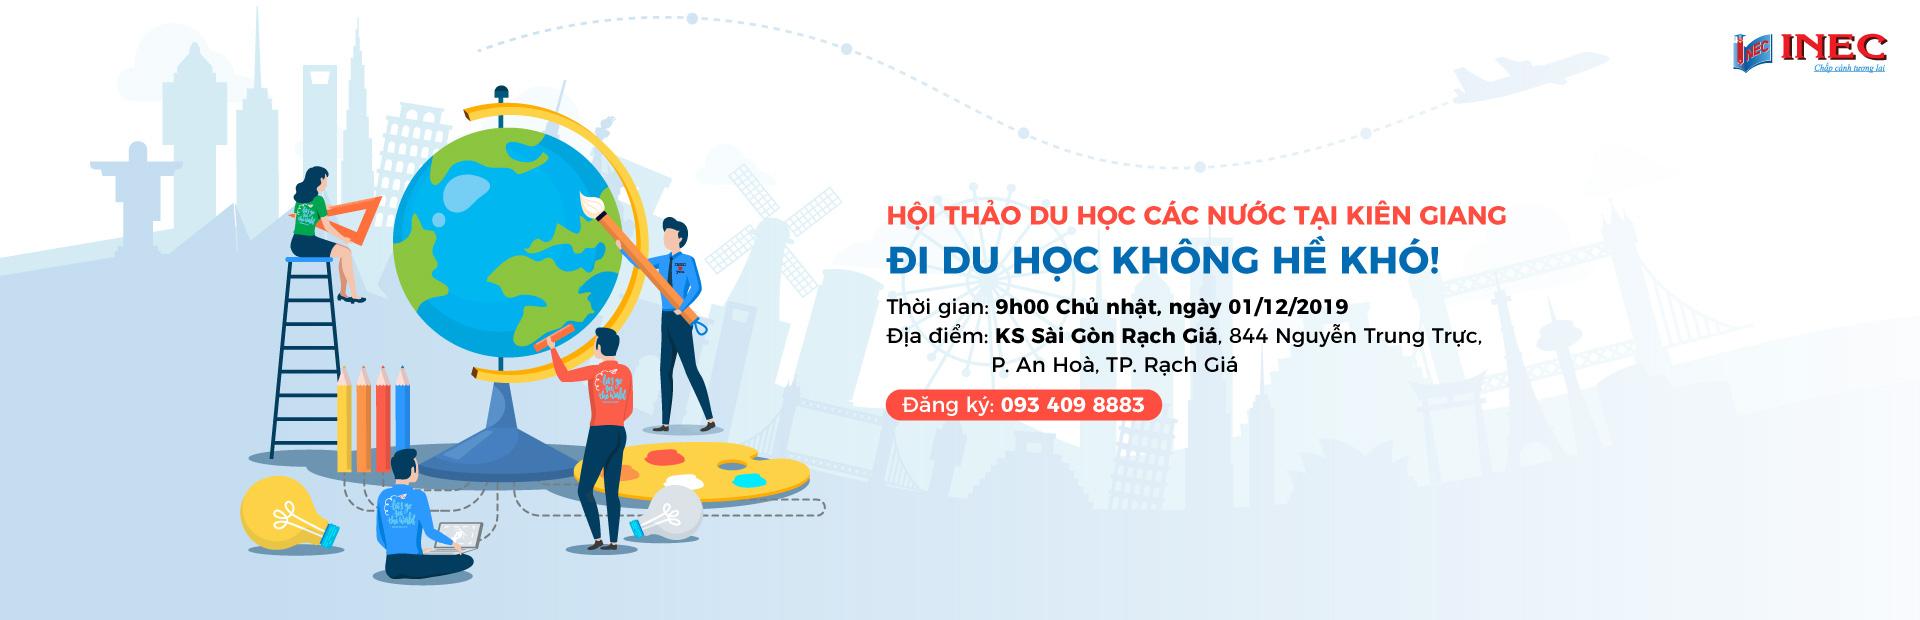 Kien Giang 12.2019